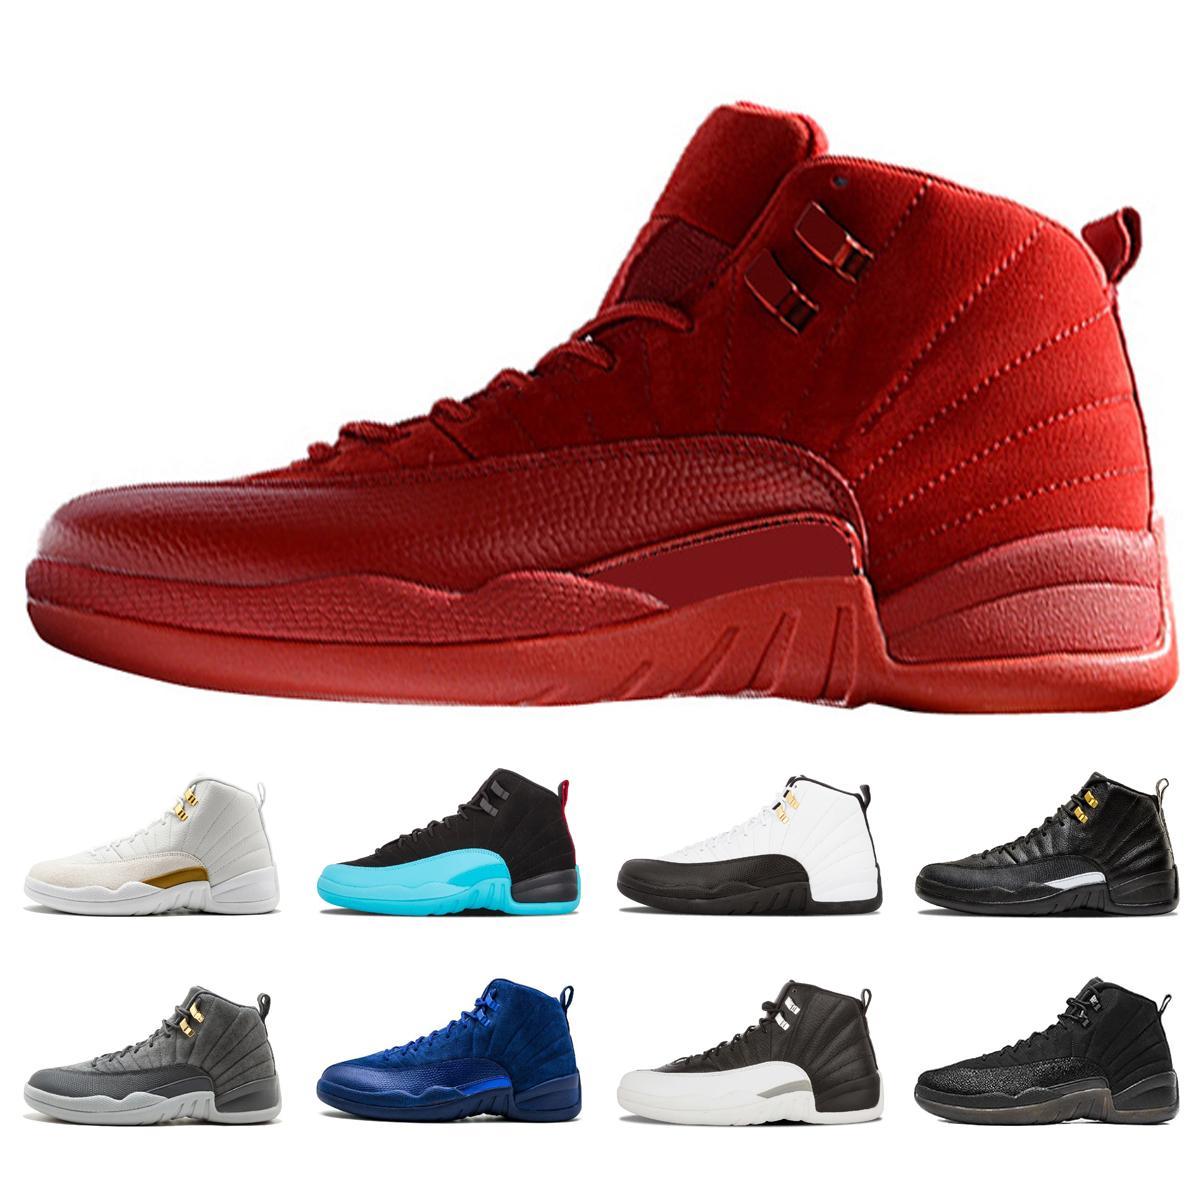 sıcak satış 12 Bordo Koyu Gri Basketbol Ayakkabı Erkekler Spor Ayakkabıları Bordo 12 Spor Spor Antrenörü Yüksek Qaulitys Sneakers boyutu 7-13